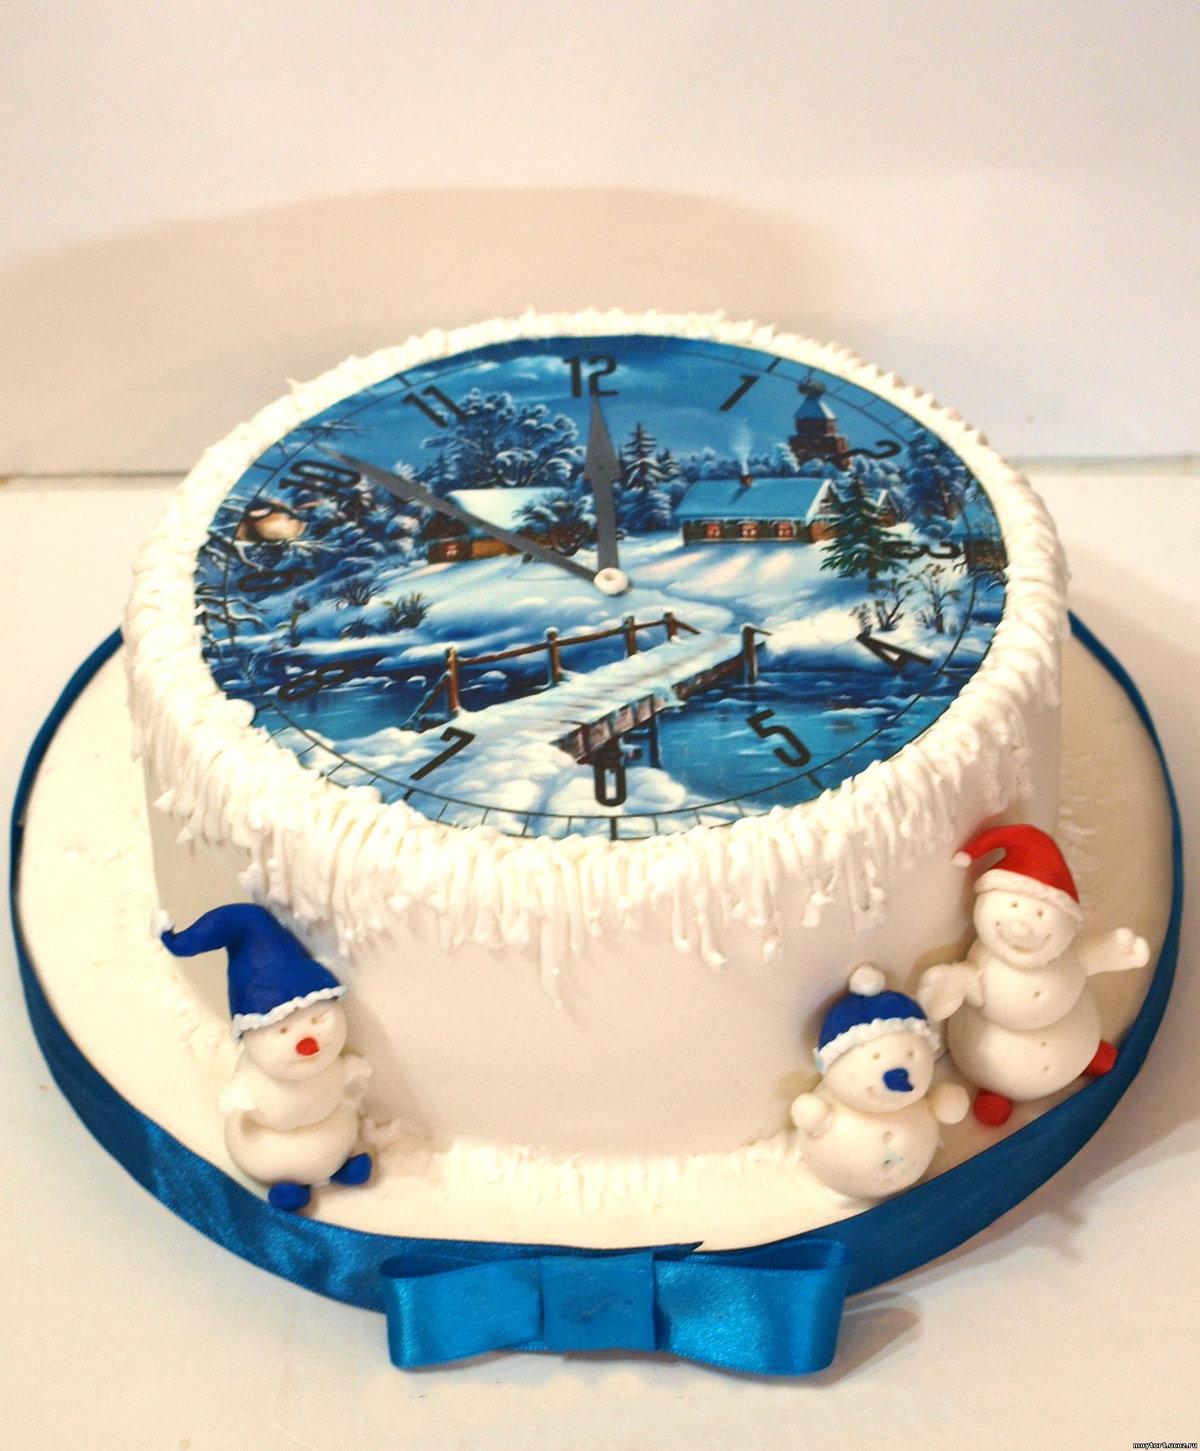 было того, картинки новогодних тортов нас женой